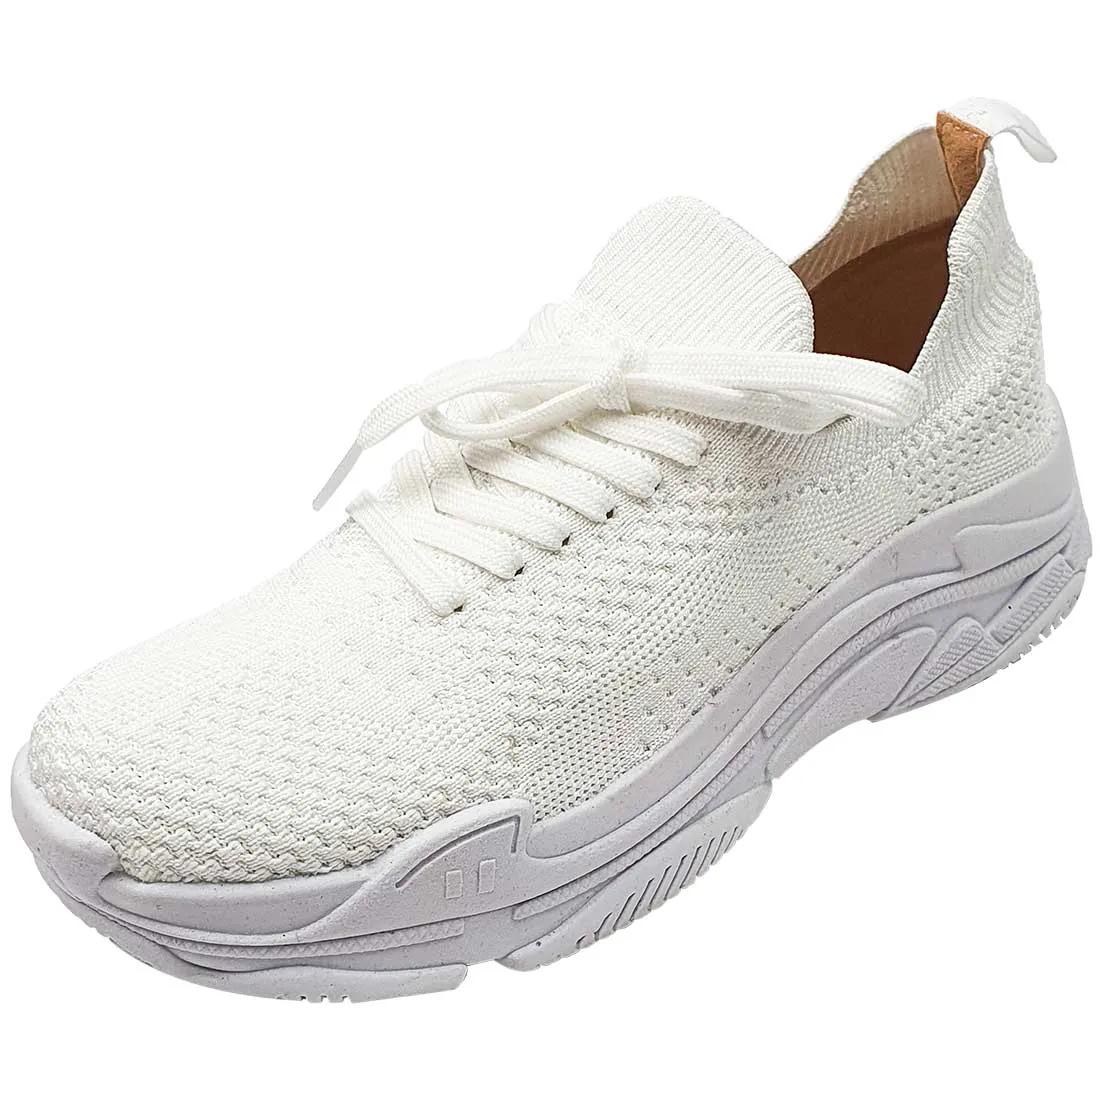 Tênis Meia Comfort com Cadarço - Branco